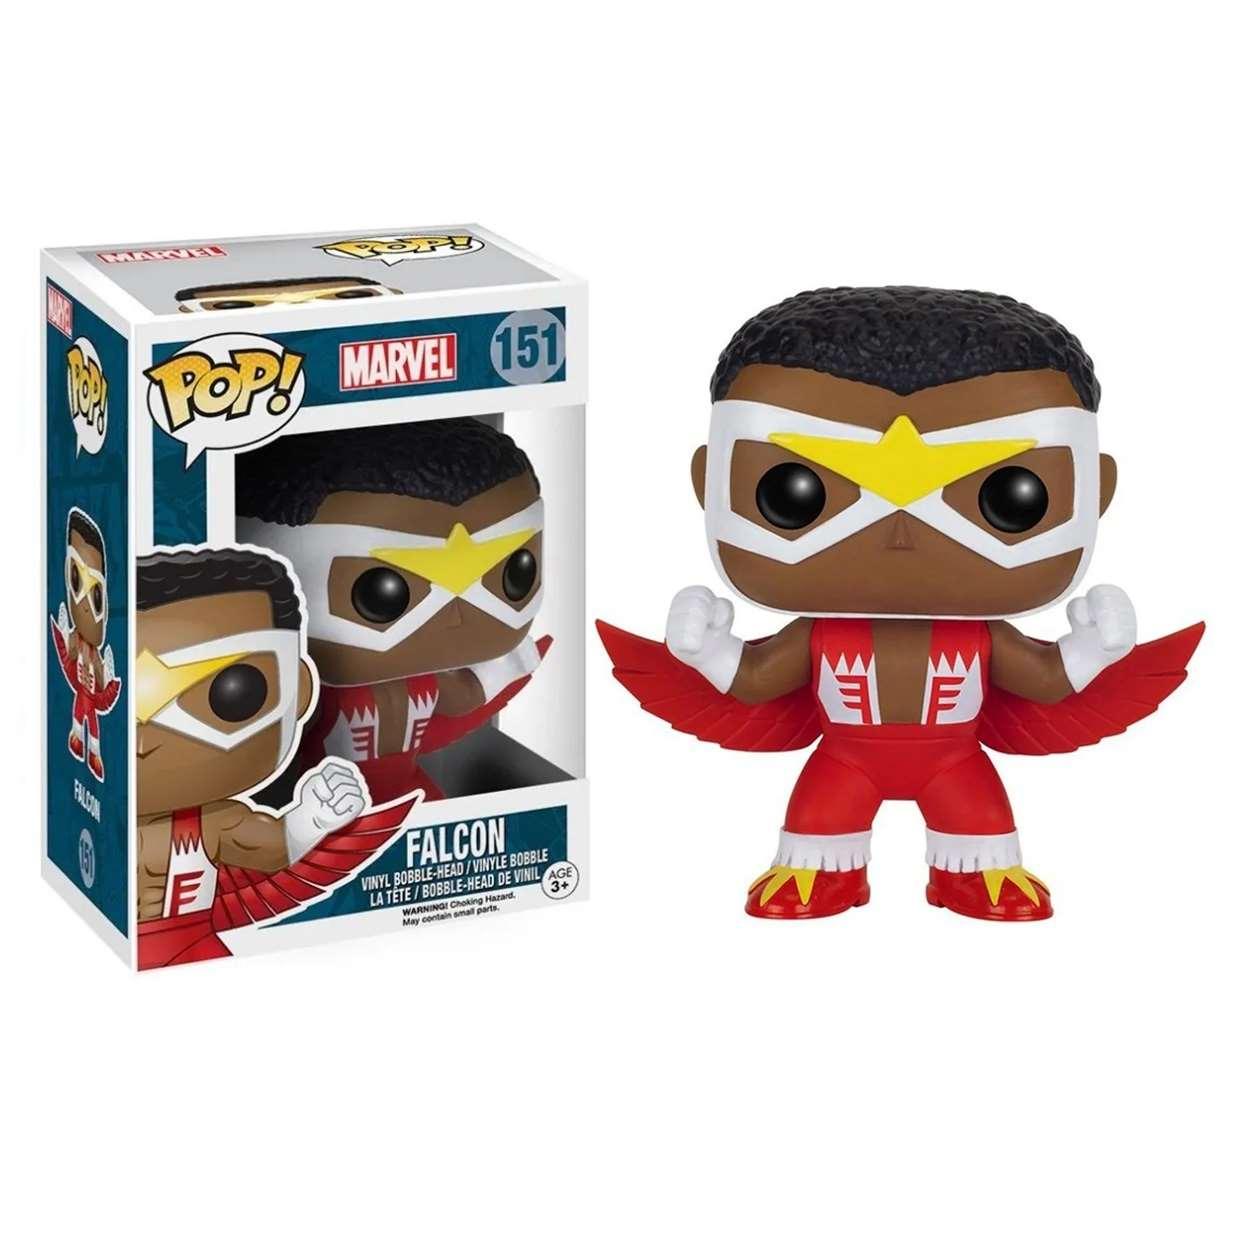 Falcon #151 Figura Marvel Funko Pop!